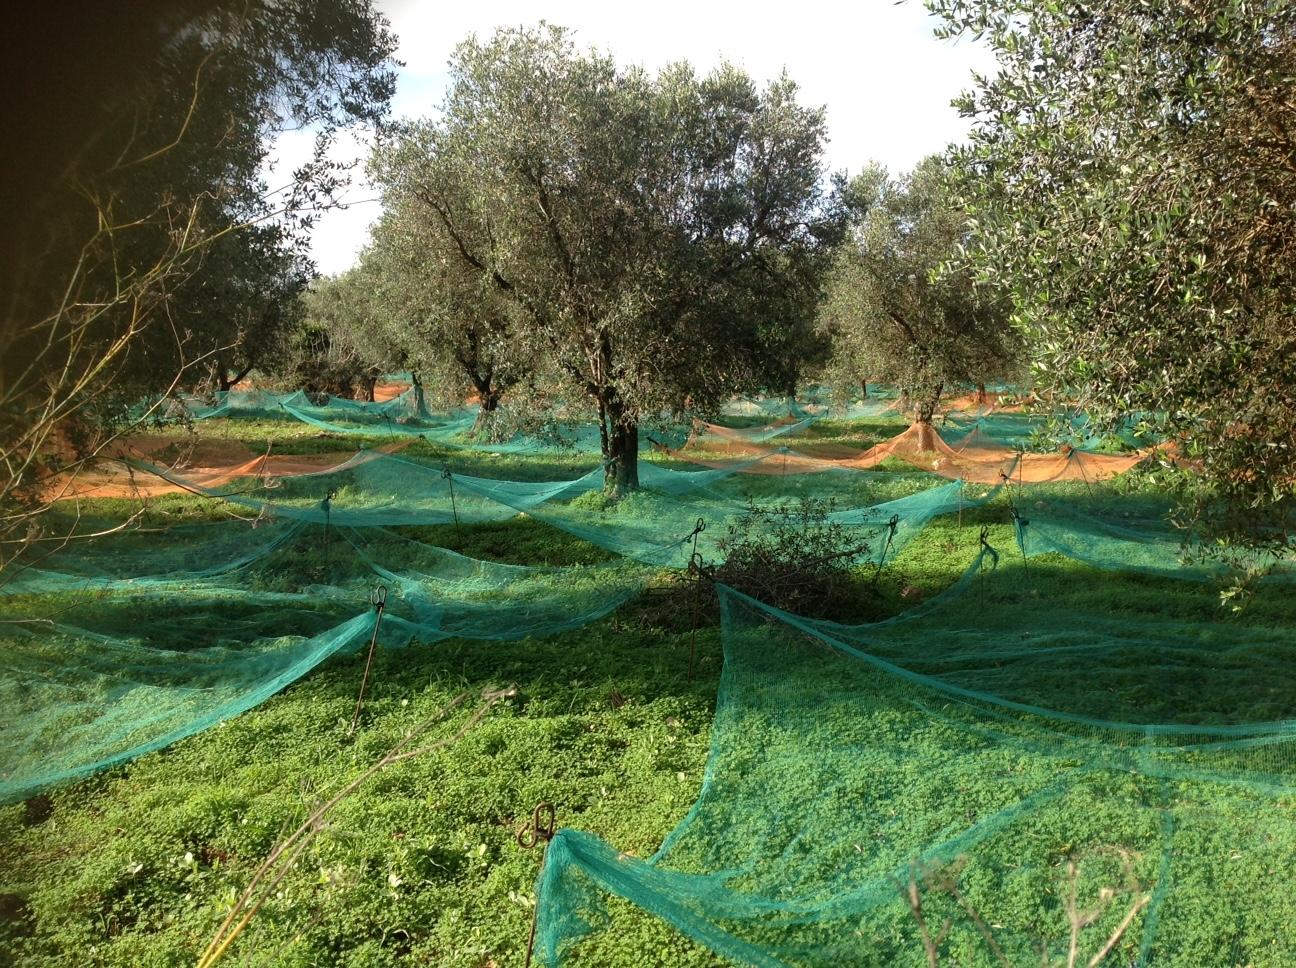 La bellezza delle reti sotto gli olivi